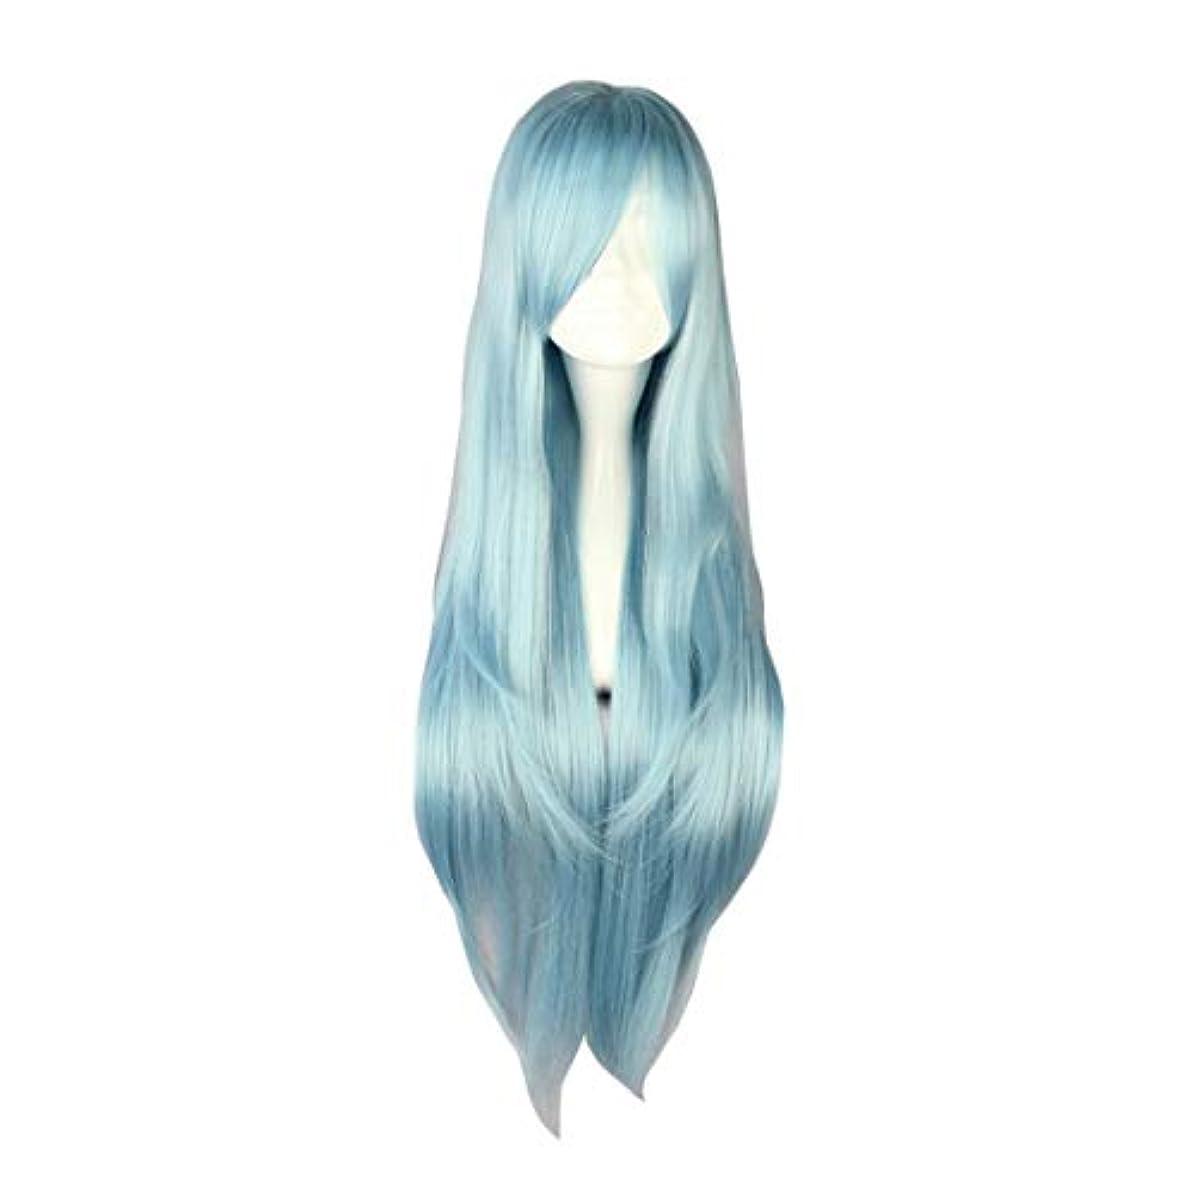 信じる小数保証Koloeplf 少女ロングライトブルーナチュラルストレートフルウィッグアニメコスプレパーティー用ソードアートオンラインアスナフィギュア (Color : LIGHT BLUE, Size : 217E)